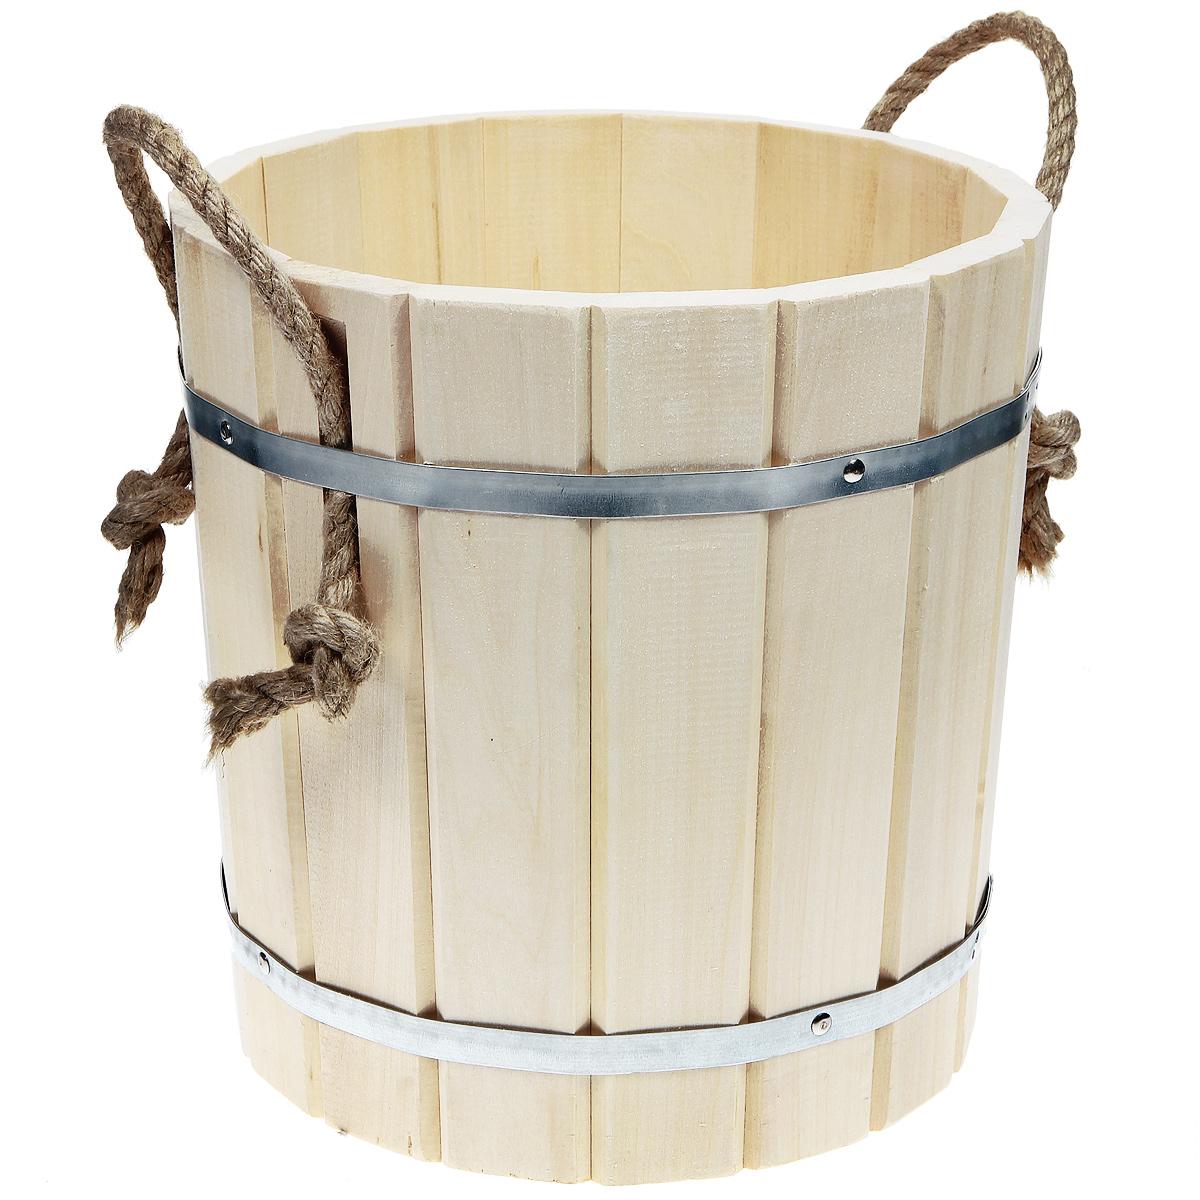 Запарник Банные штучки, с веревочными ручками, 15 л32017Запарник Банные штучки, изготовленный из дерева (липы), доставит вам настоящее удовольствие от банной процедуры. При запаривании веник обретает свою природную силу и сохраняет полезные свойства. Корпус запарника состоит из металлических обручей, стянутых клепками. Для более удобного использования запарник имеет веревочные ручки. Интересная штука - баня. Место, где одинаково хорошо и в компании, и в одиночестве. Перекресток, казалось бы, разных направлений - общение и здоровье. Приятное и полезное. И всегда в позитиве.